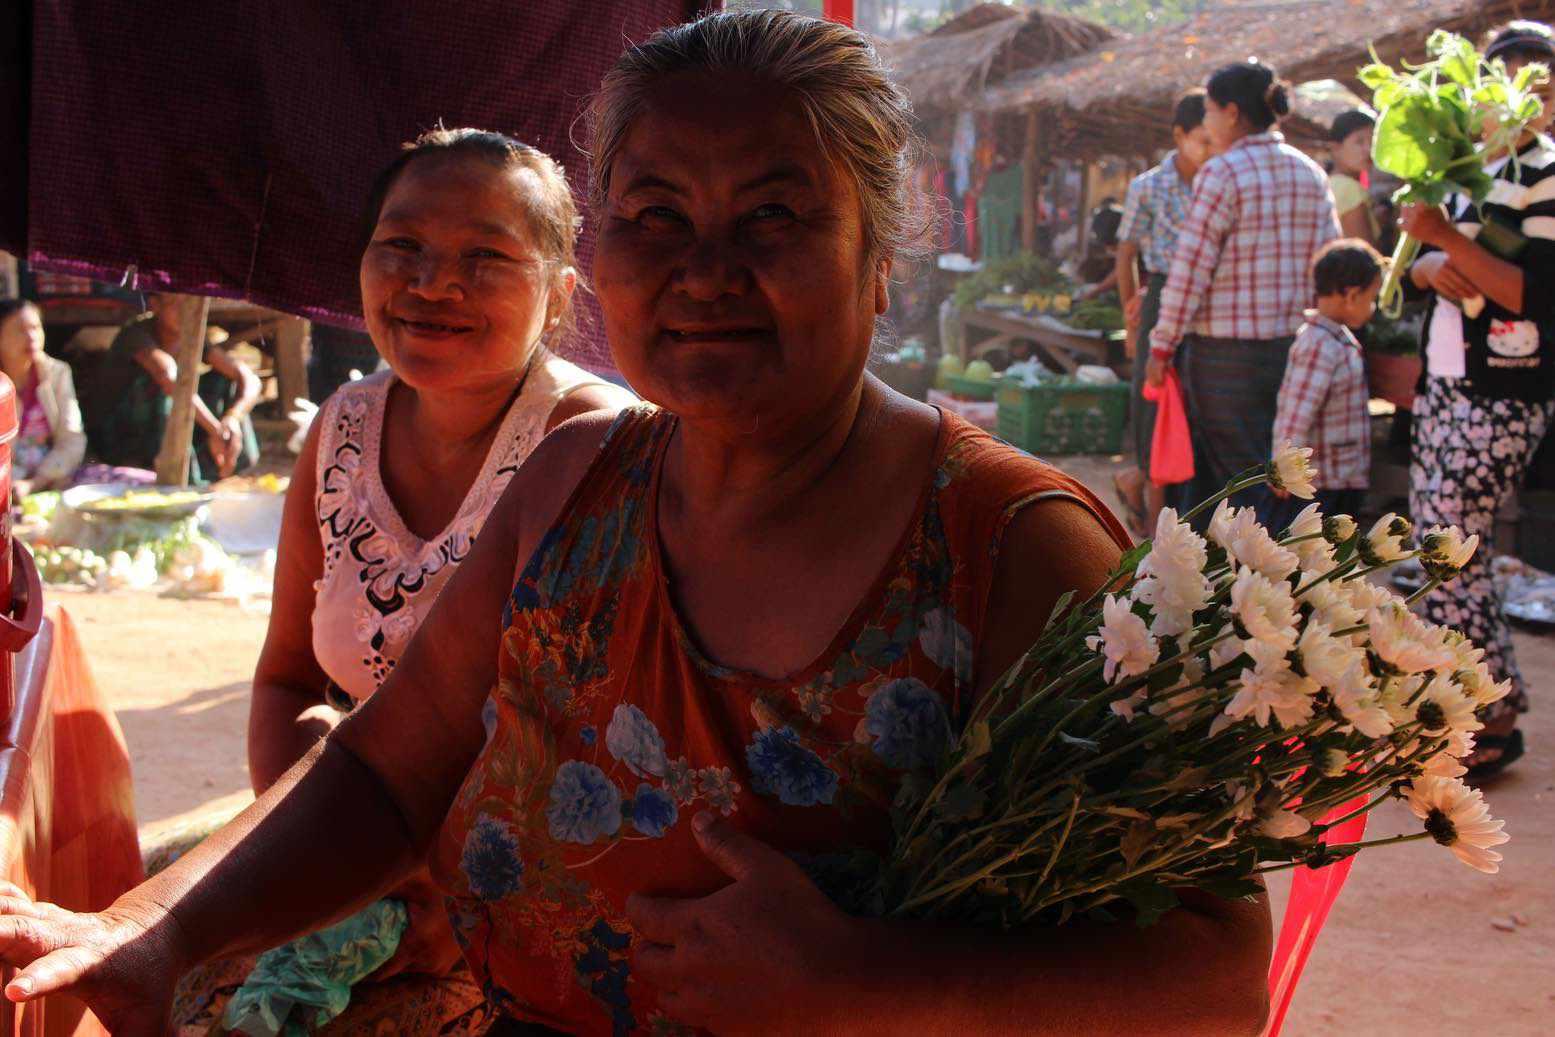 El%C3%ADas Escribano en Birmania por Navidad05 - Perlé desea FELIZ NAVIDAD a todos sus seguidoresdesde Birmania.